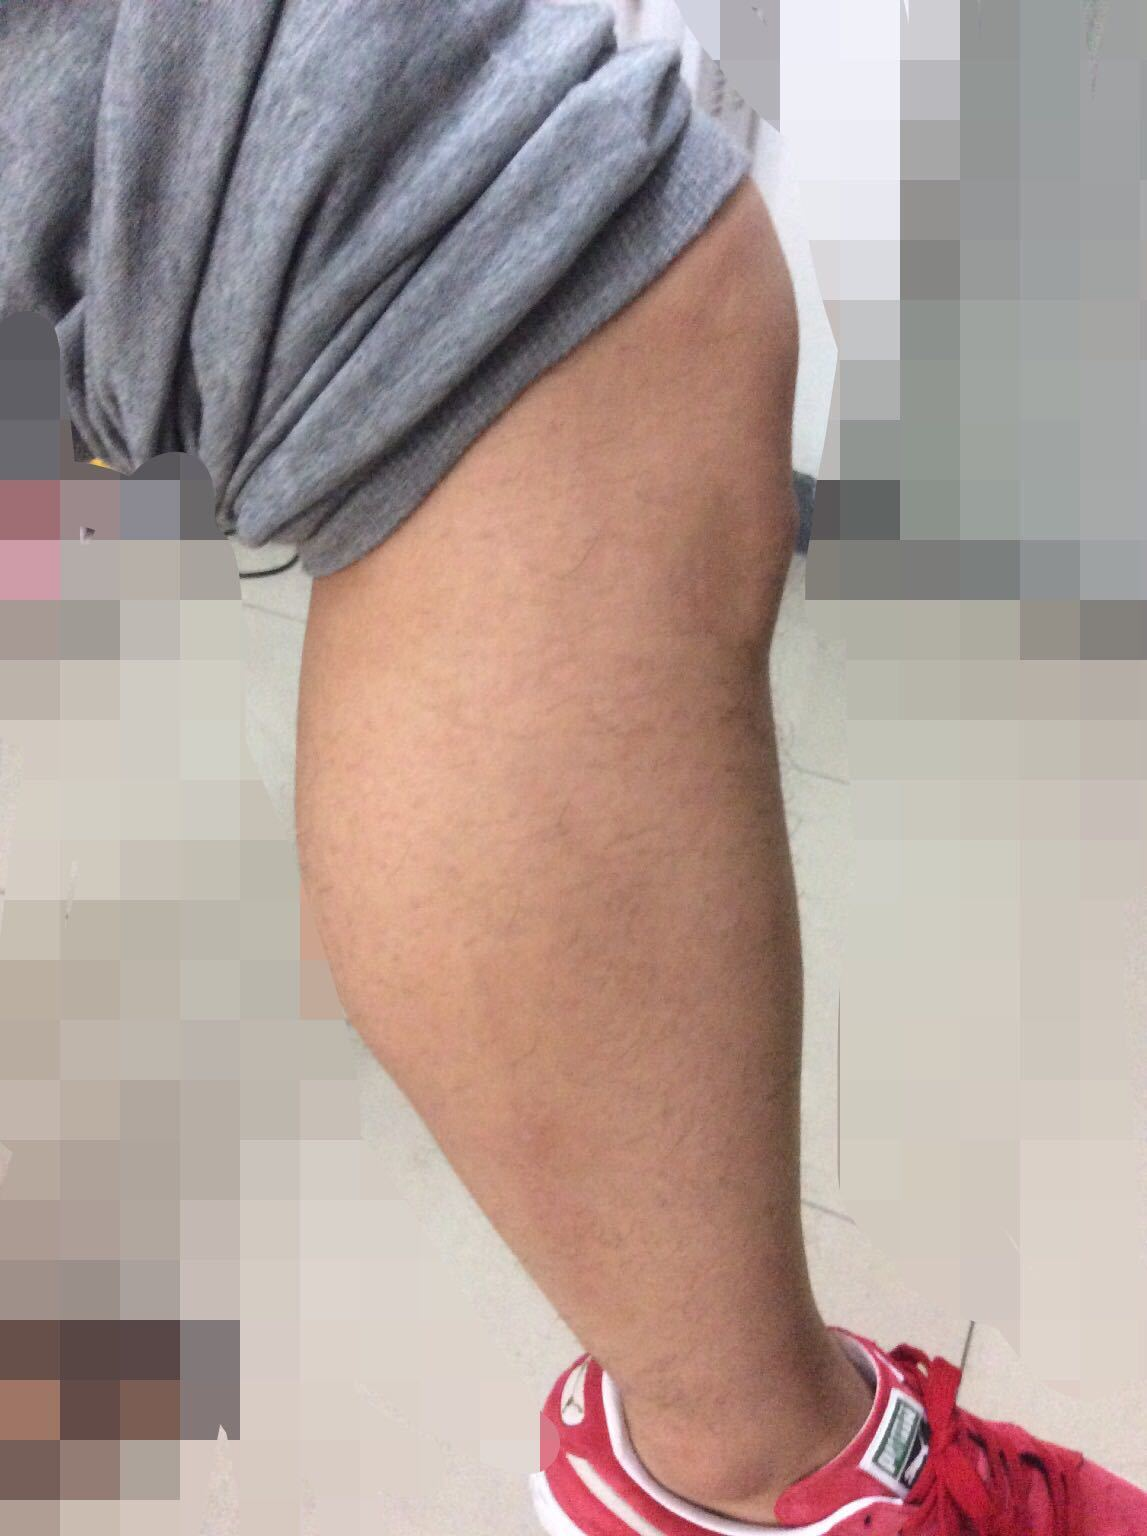 男生小腿肌肉怎么减呢 - 京东